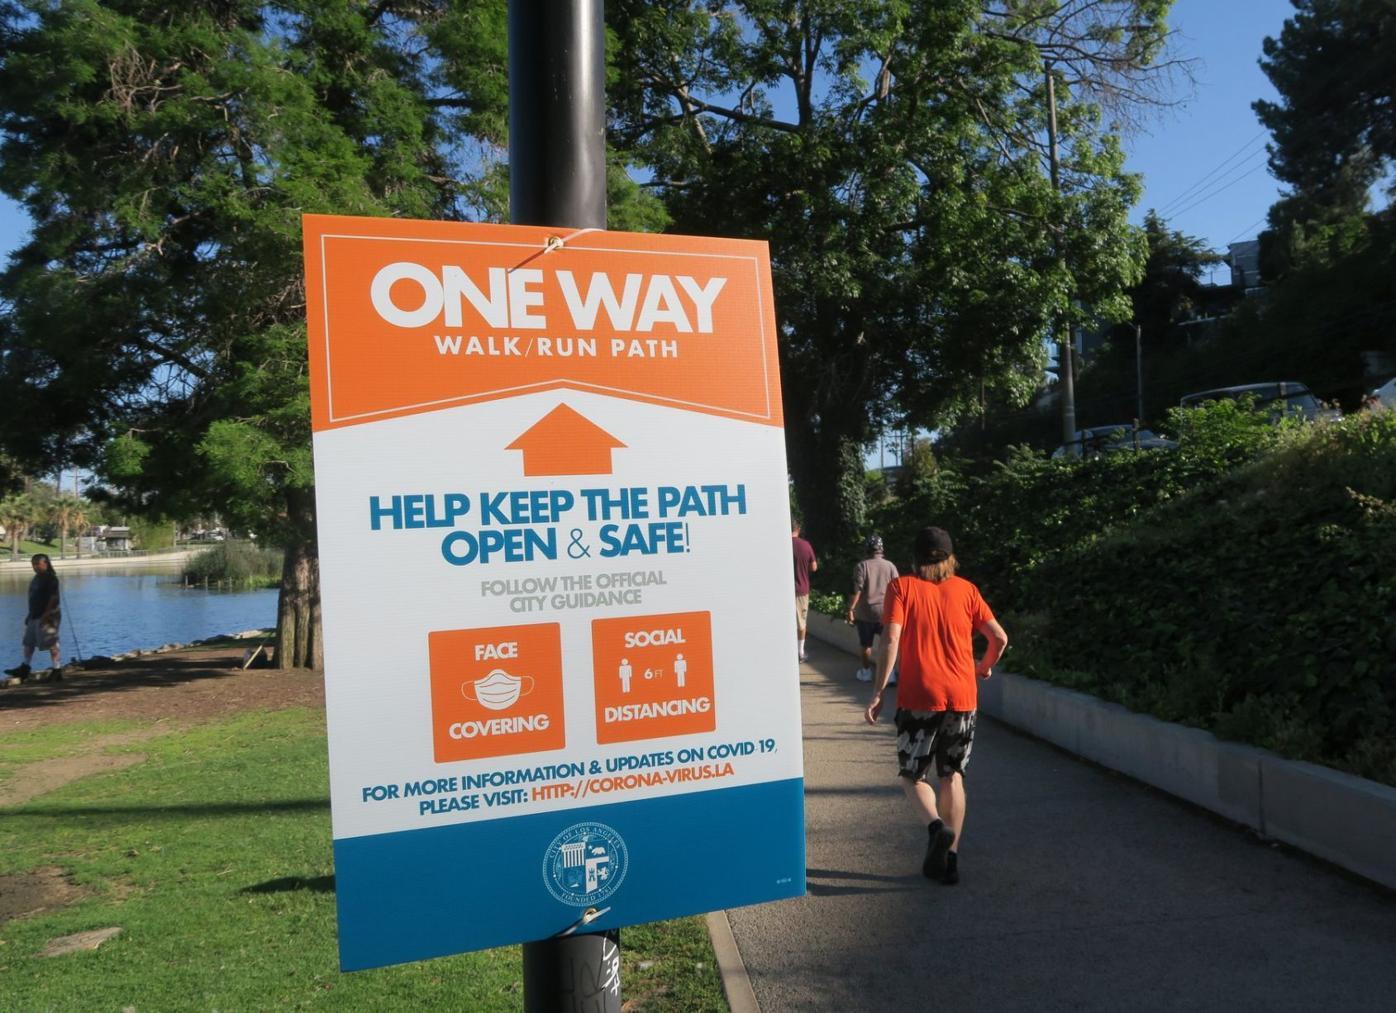 ONe way signs at echo park lake 4-25-2020 5-51-15 PM.JPG